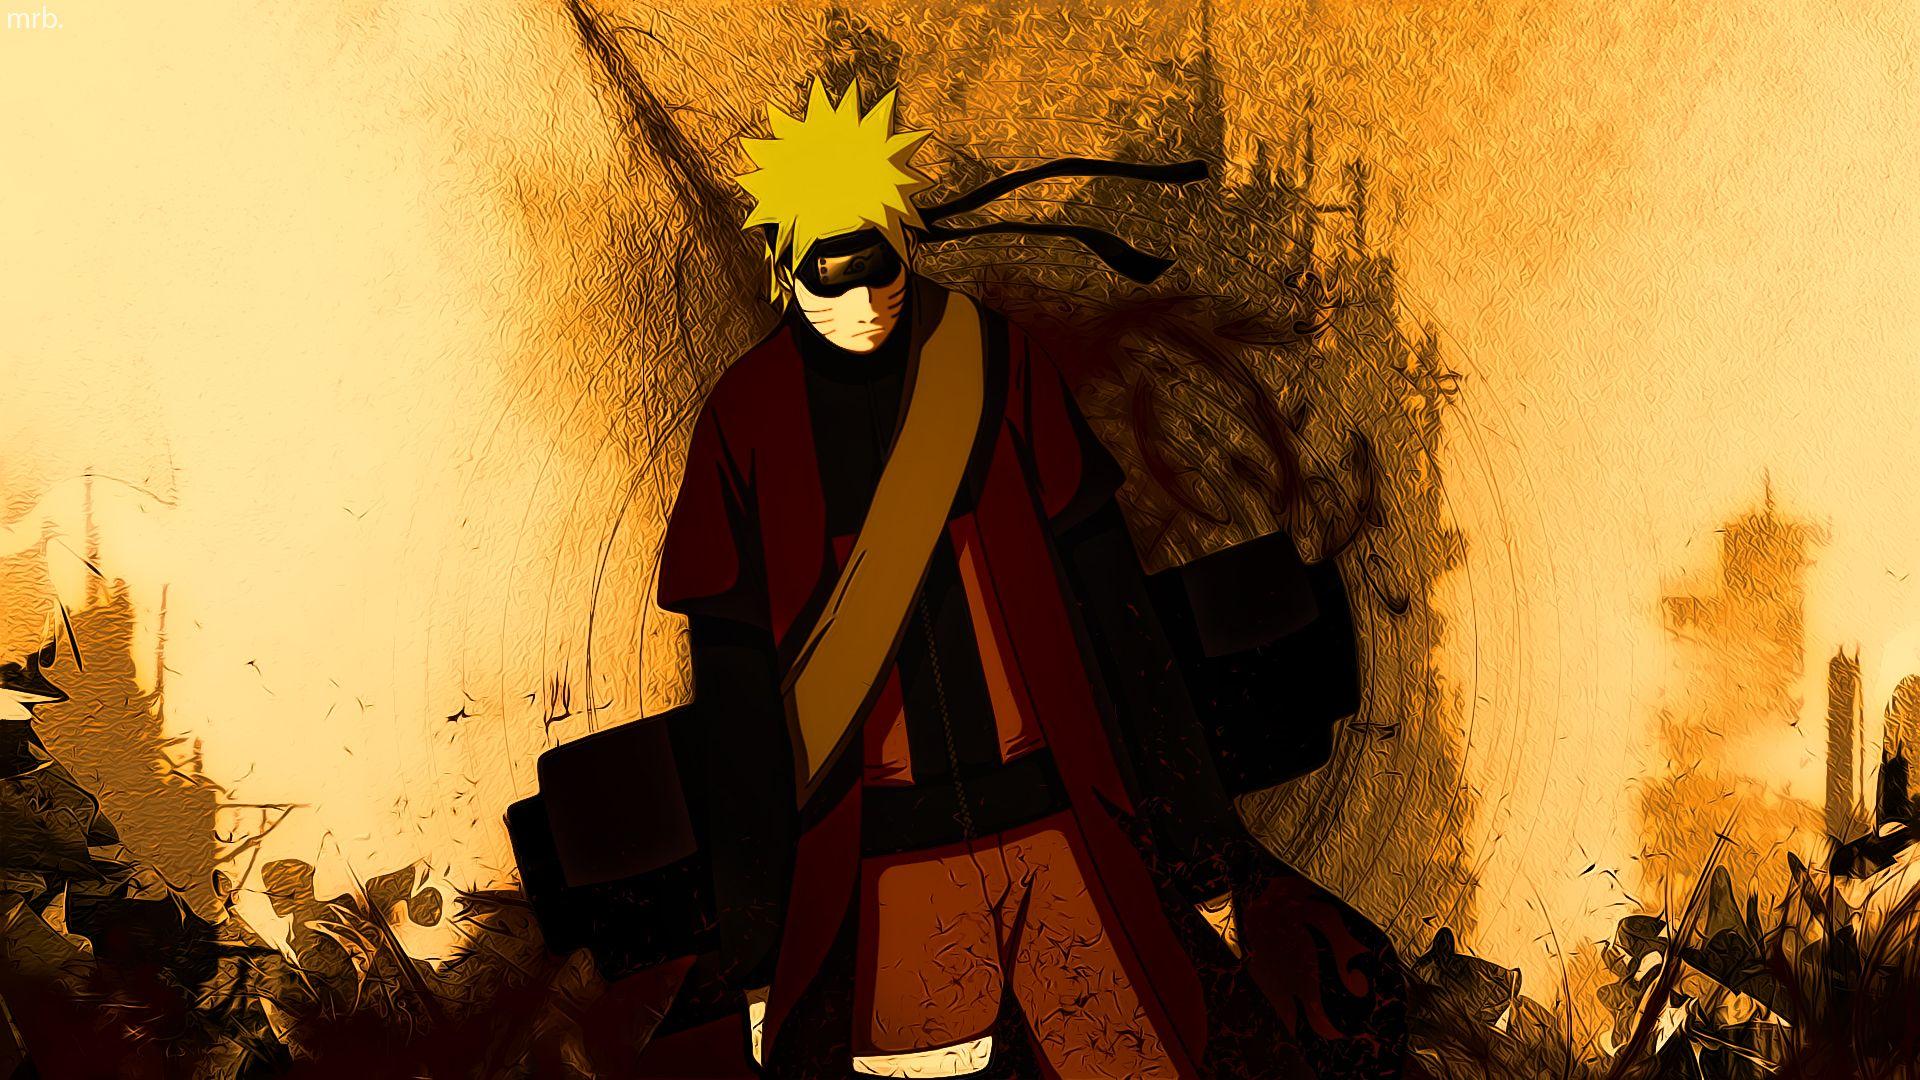 Naruto Naruto Wallpaper Wallpaper Naruto Shippuden Naruto Phone Wallpaper